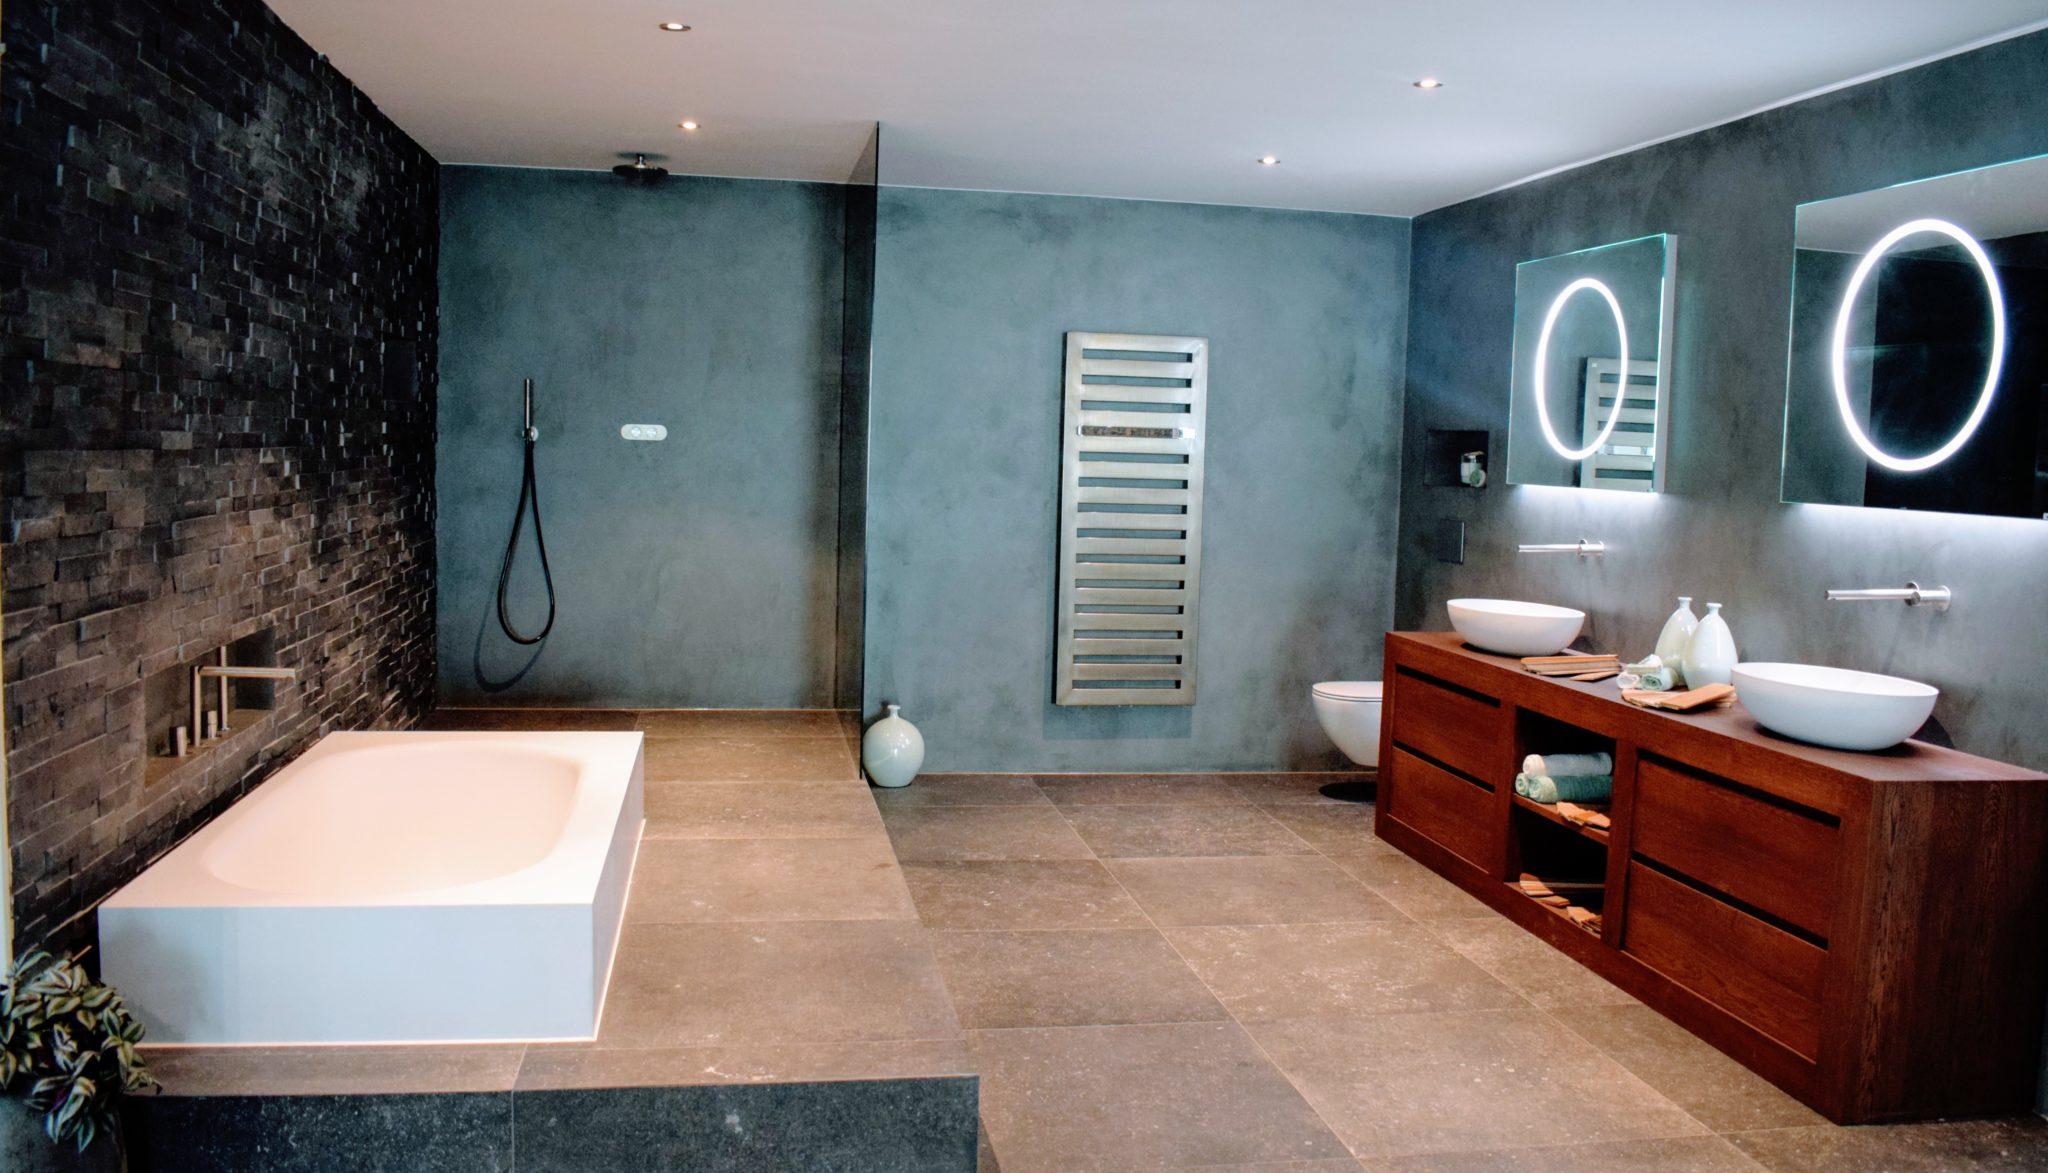 Tips voor het verven van je badkamer #badkamer #badkamermuur #verven